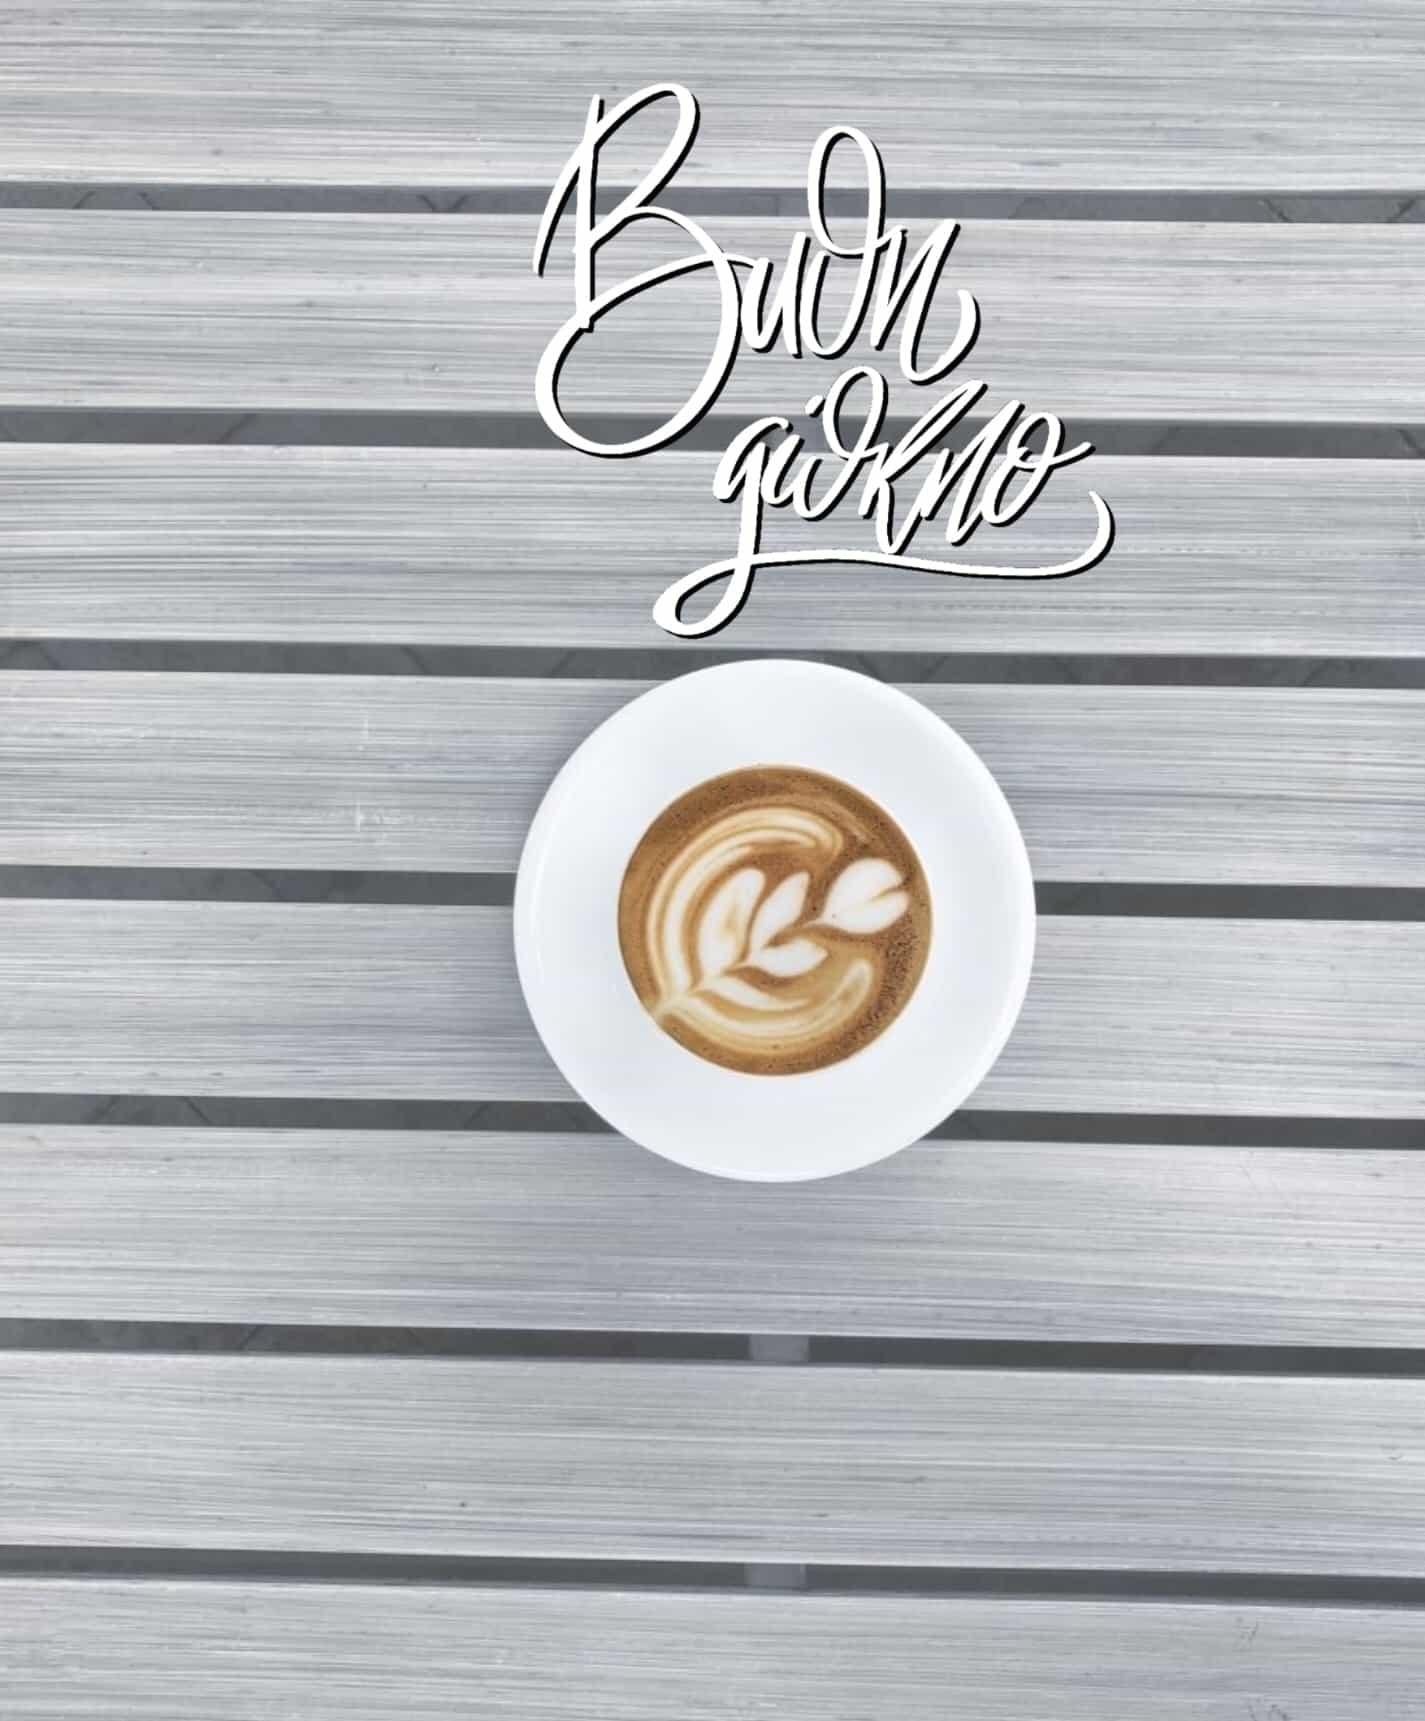 Buongiorno_Caffe_foto_belli